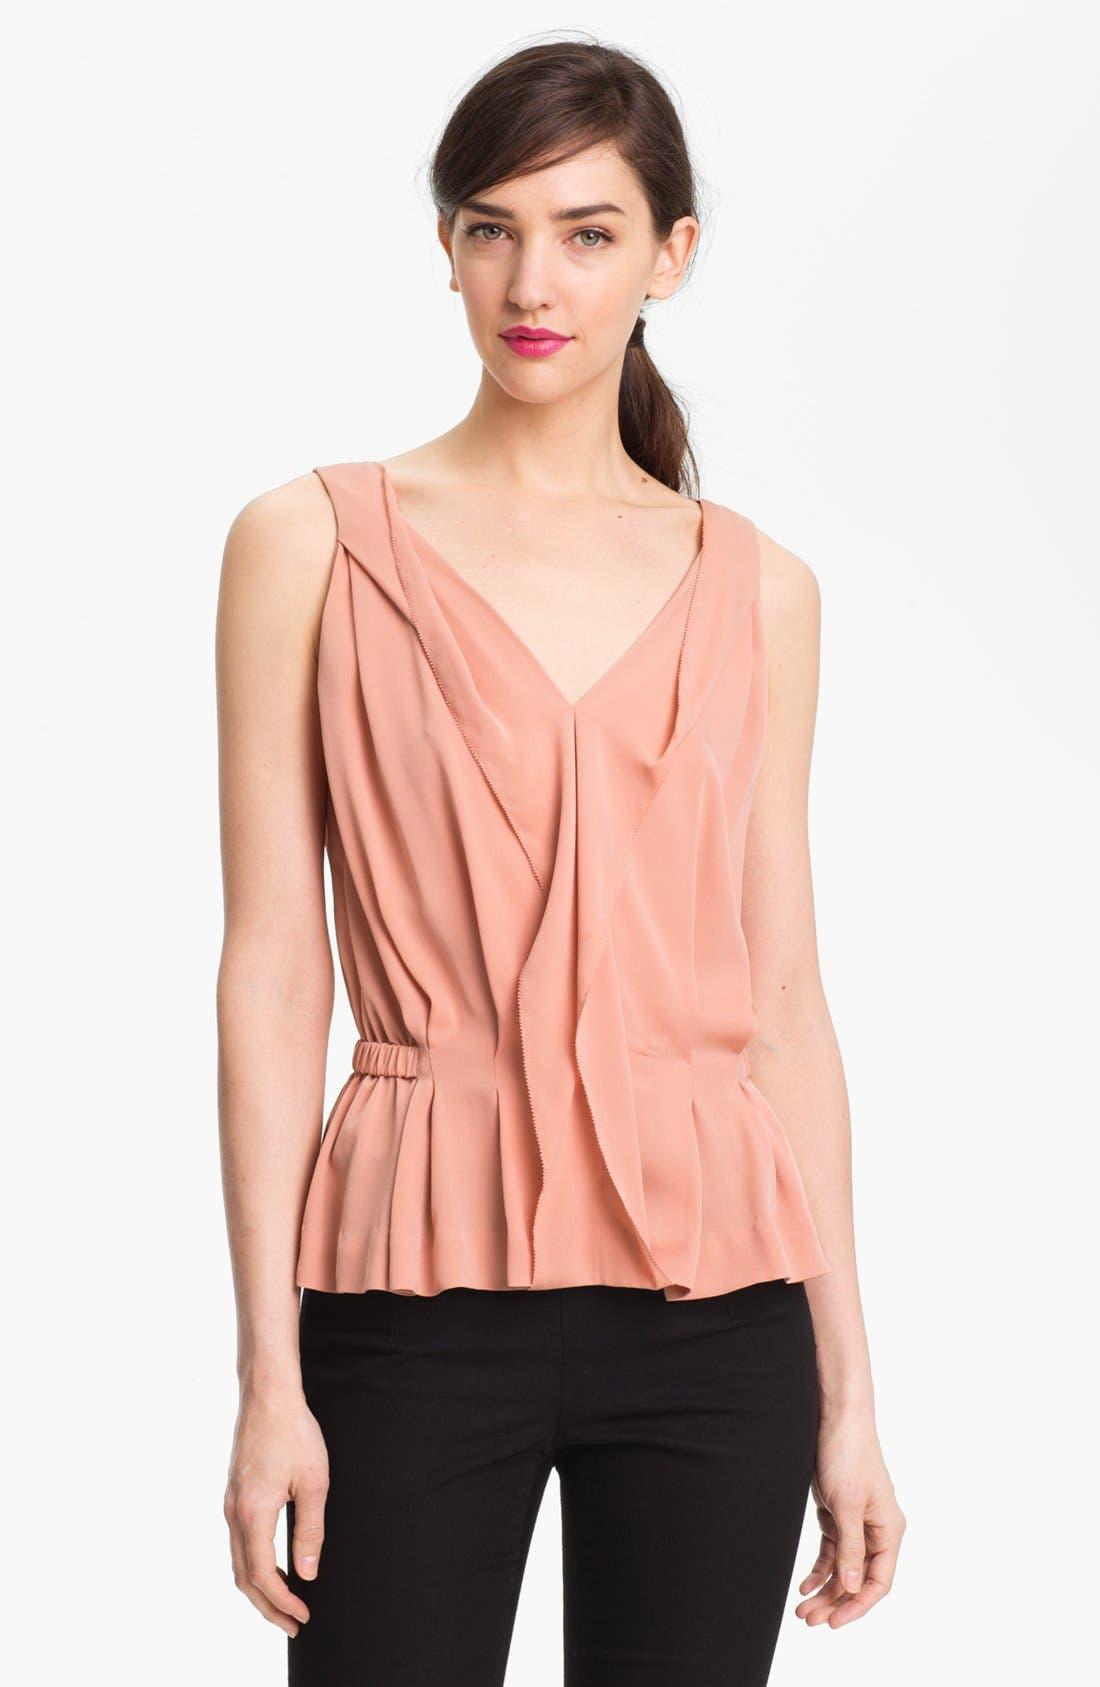 Alternate Image 1 Selected - Diane von Furstenberg 'Bahar' Stretch Silk Top